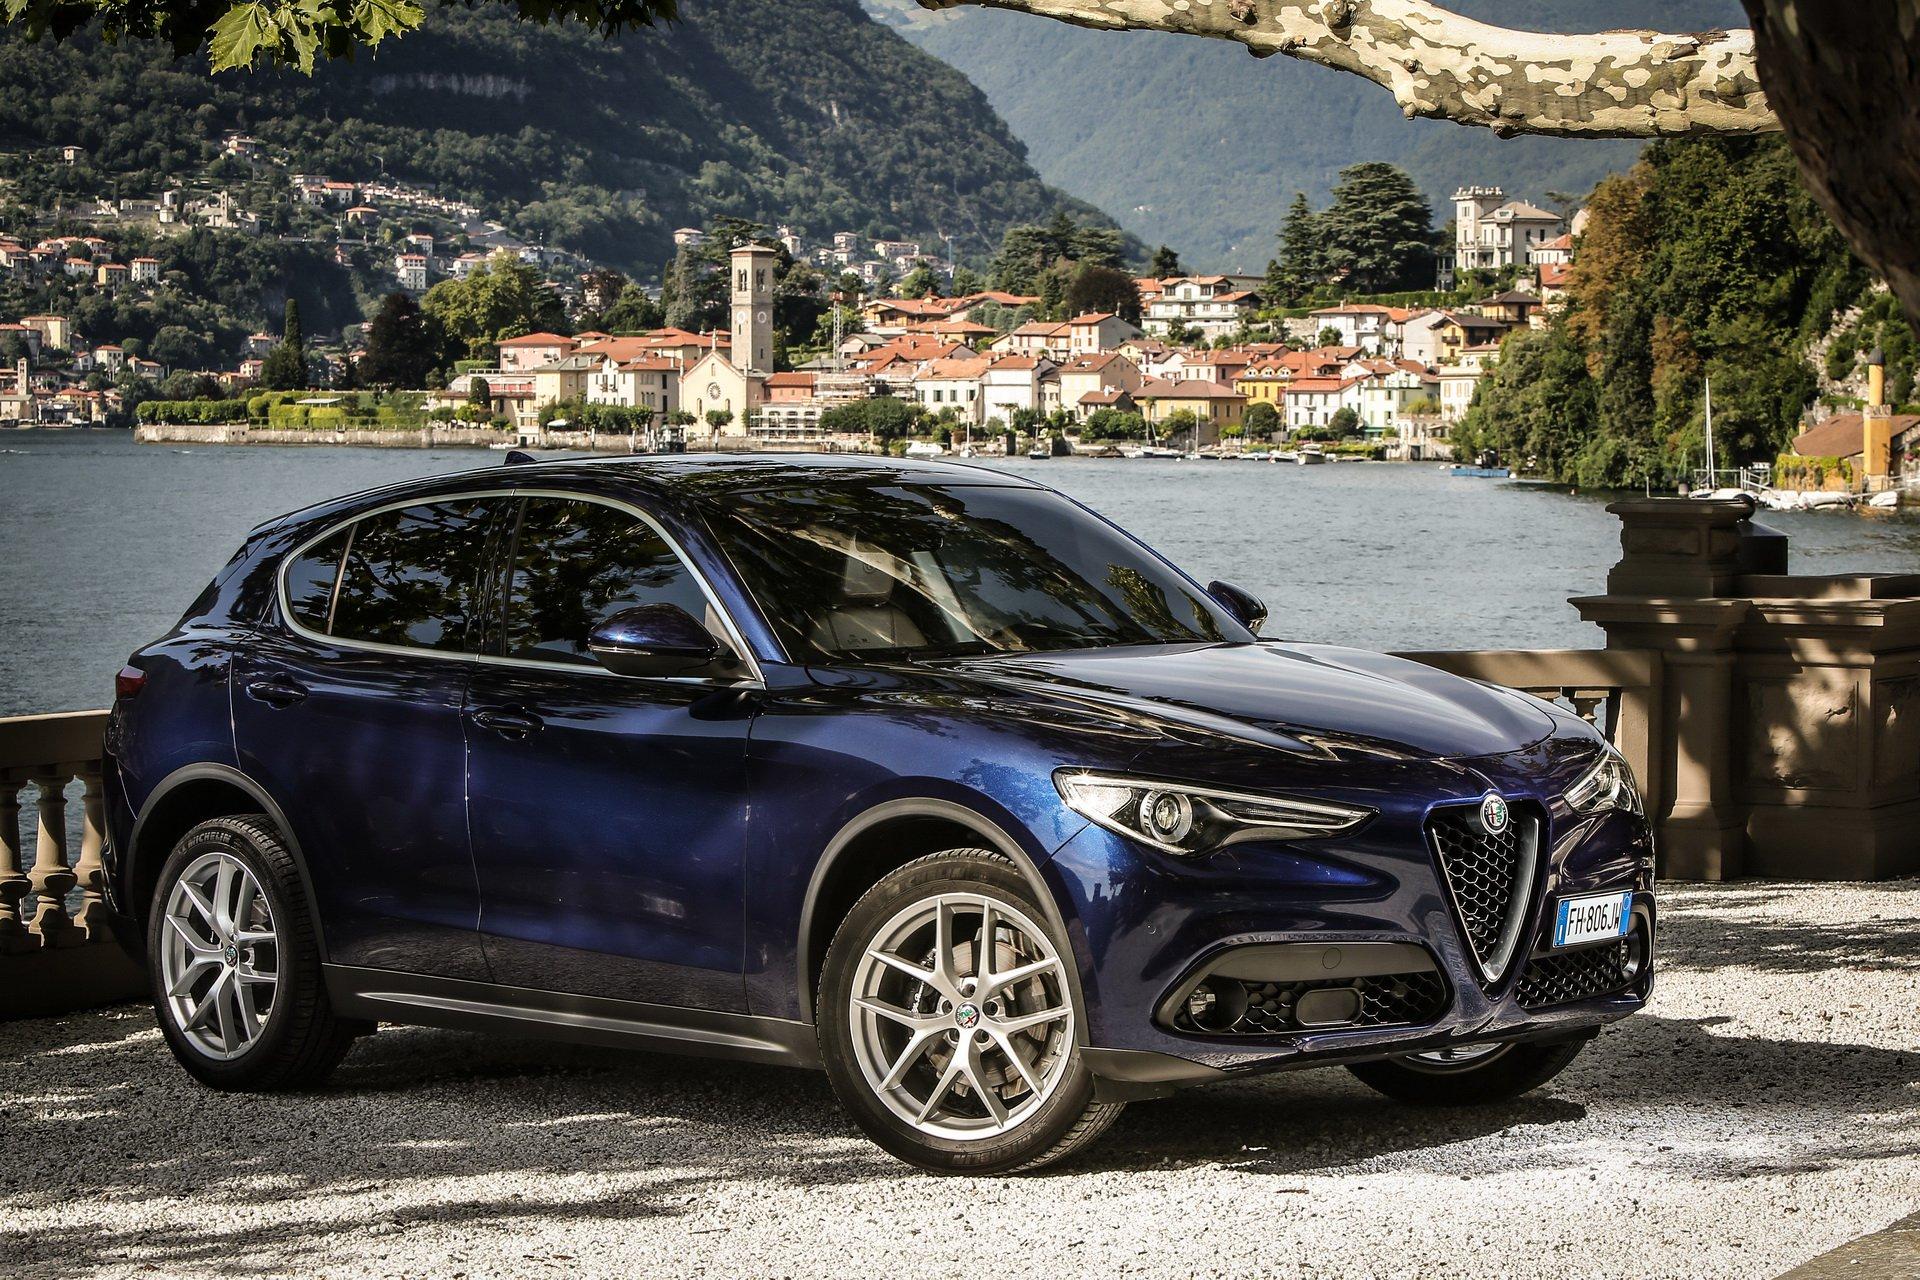 Alfa Romeo O Suv Mais Pequeno Chega Ja Em 2020 Sob A Plataforma Giorgio Carzoom